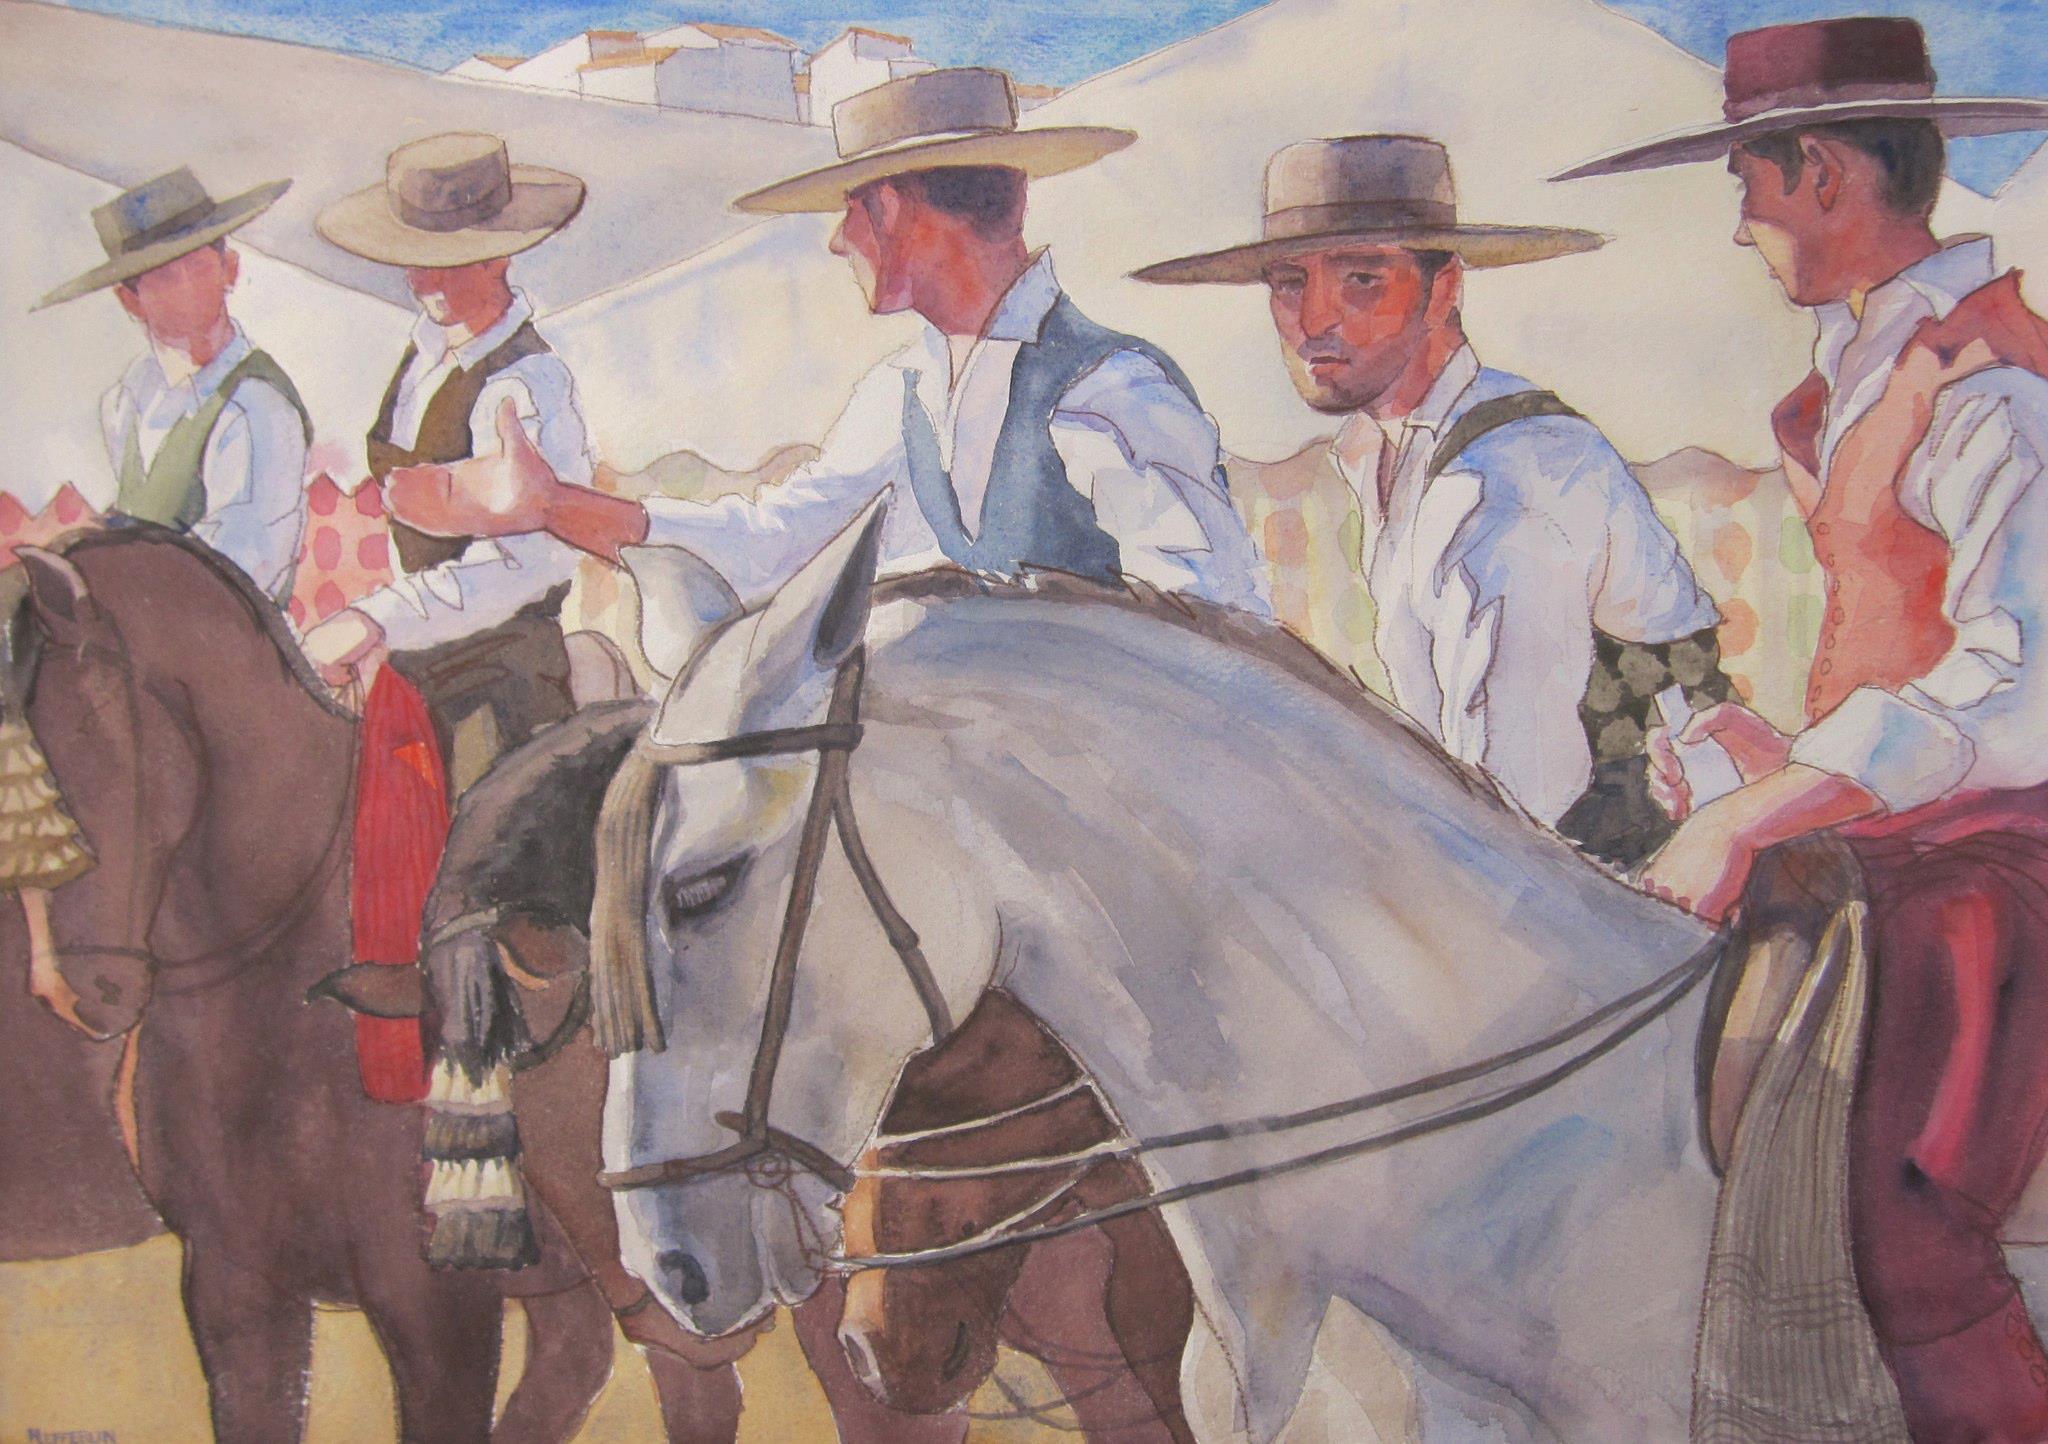 Feria Riders, II by  Melissa Hefferlin - Masterpiece Online